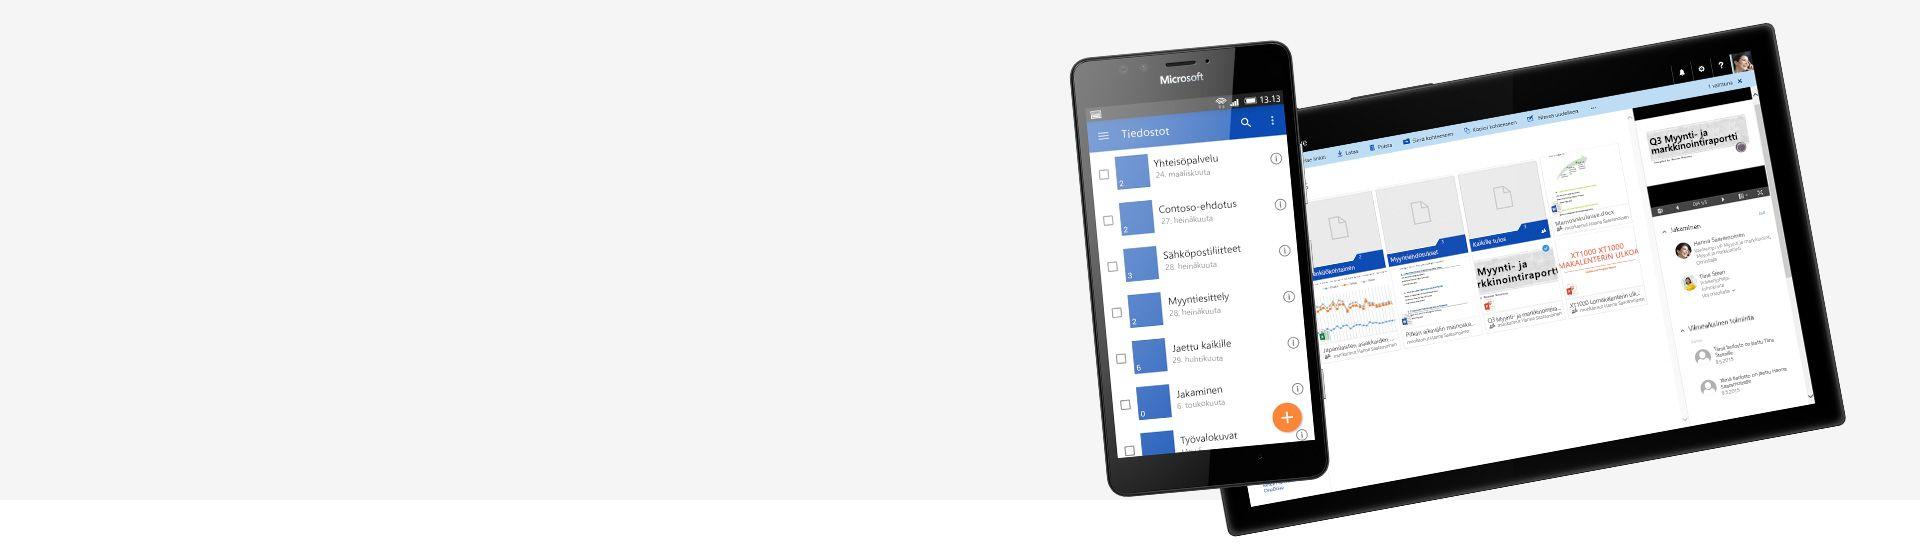 Tabletti ja puhelin näyttävät tiedostoja ja kansioita OneDrive for Business -sovelluksessa.